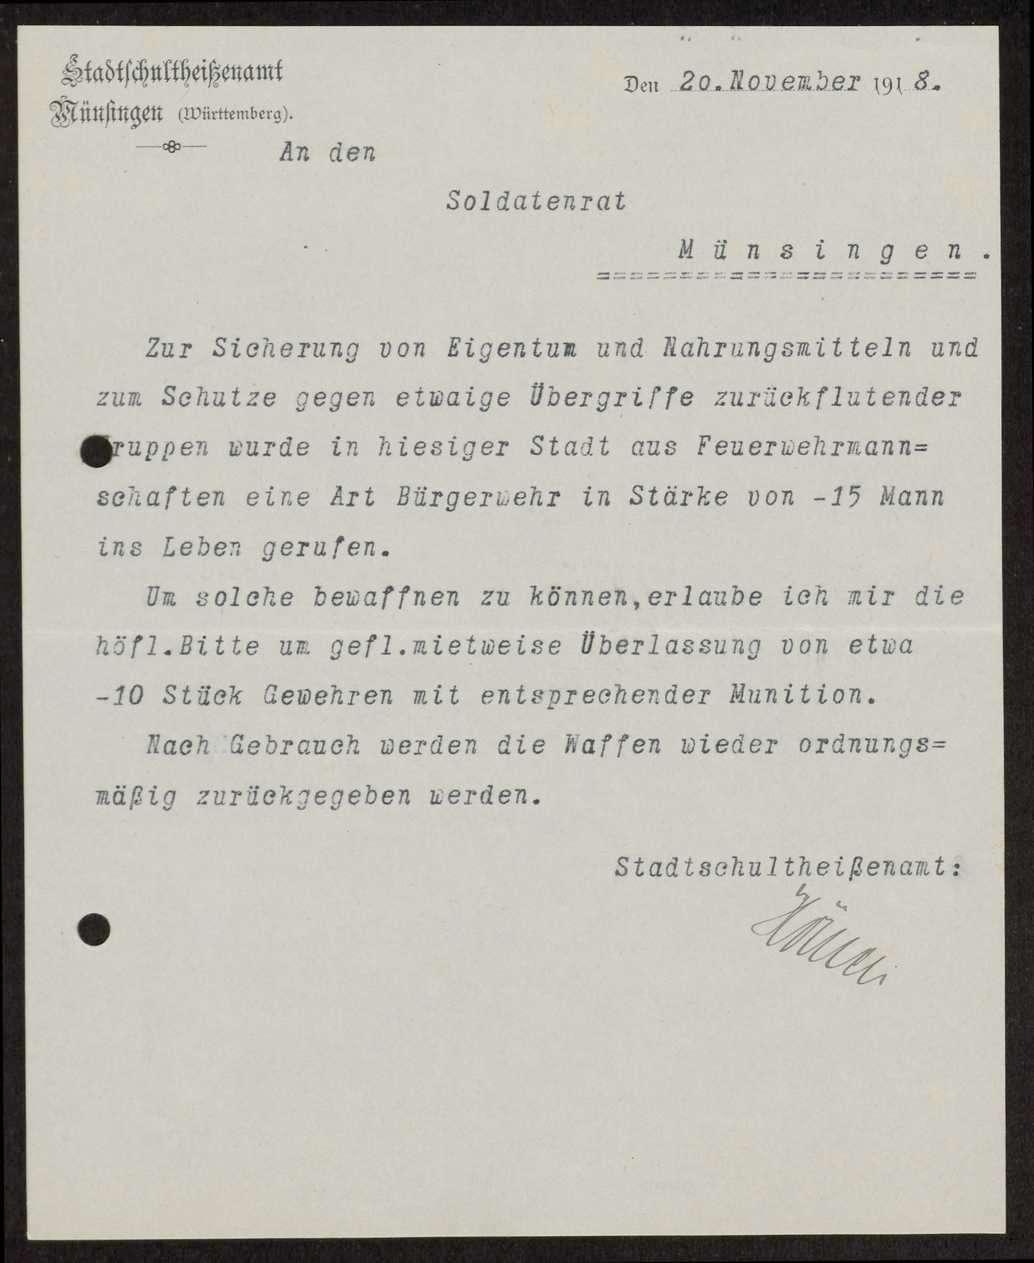 Bitte des Stadtschultheißenamts Münsingen um Abgabe von 10 Gewehren mit Munition an die neu errichtete Bürgerwehr, Ablehnung der Bitte, Bild 1